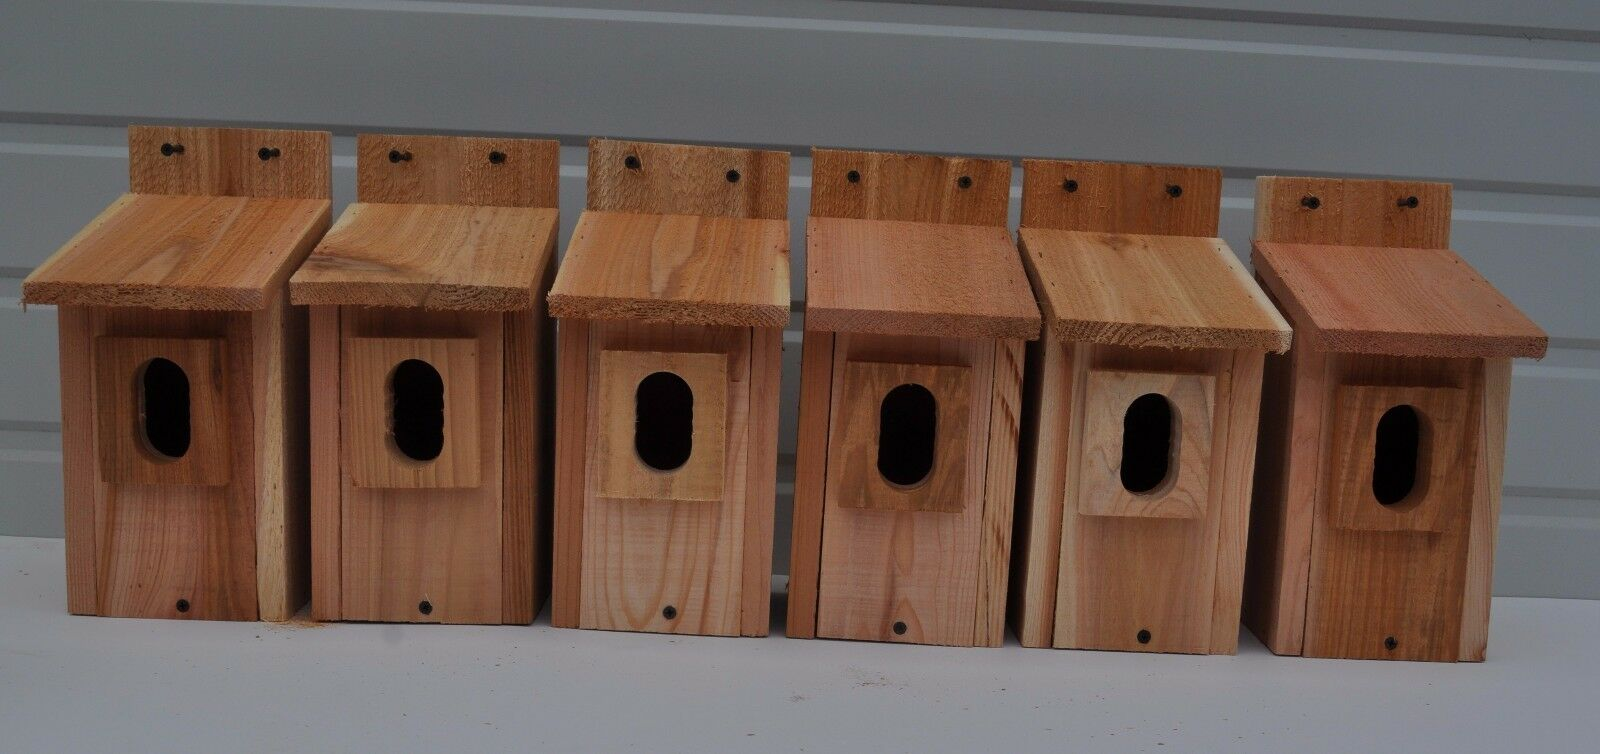 6 azulbird casas del pájaro Nido De Caja Cedro Peterson Oval apertura libre shippimg